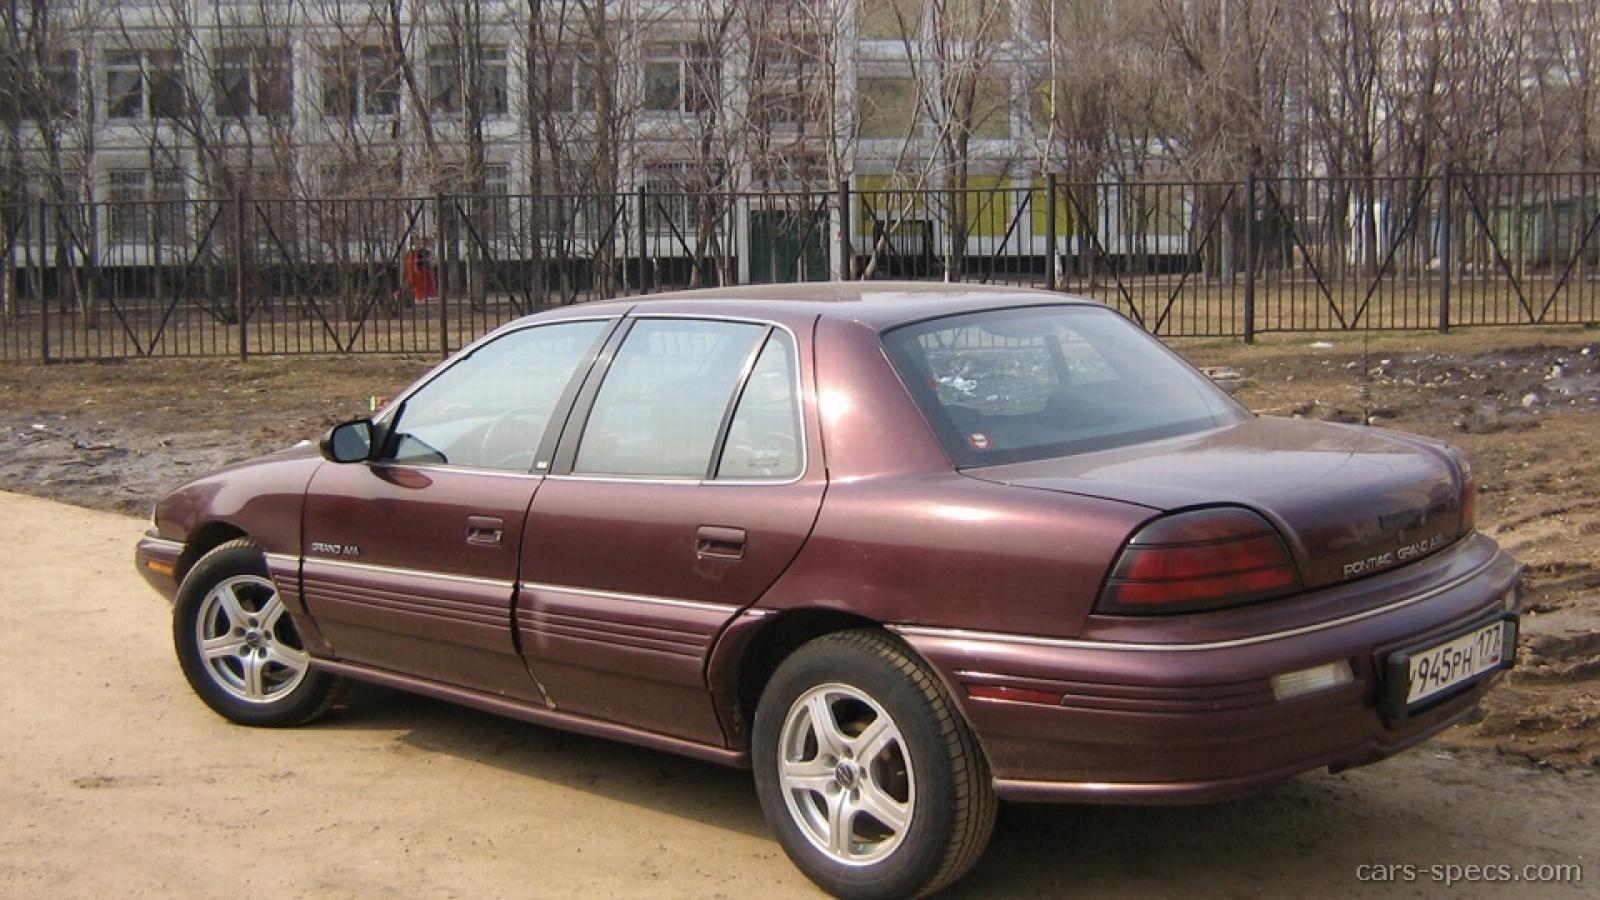 1992 Pontiac Grand Am 9